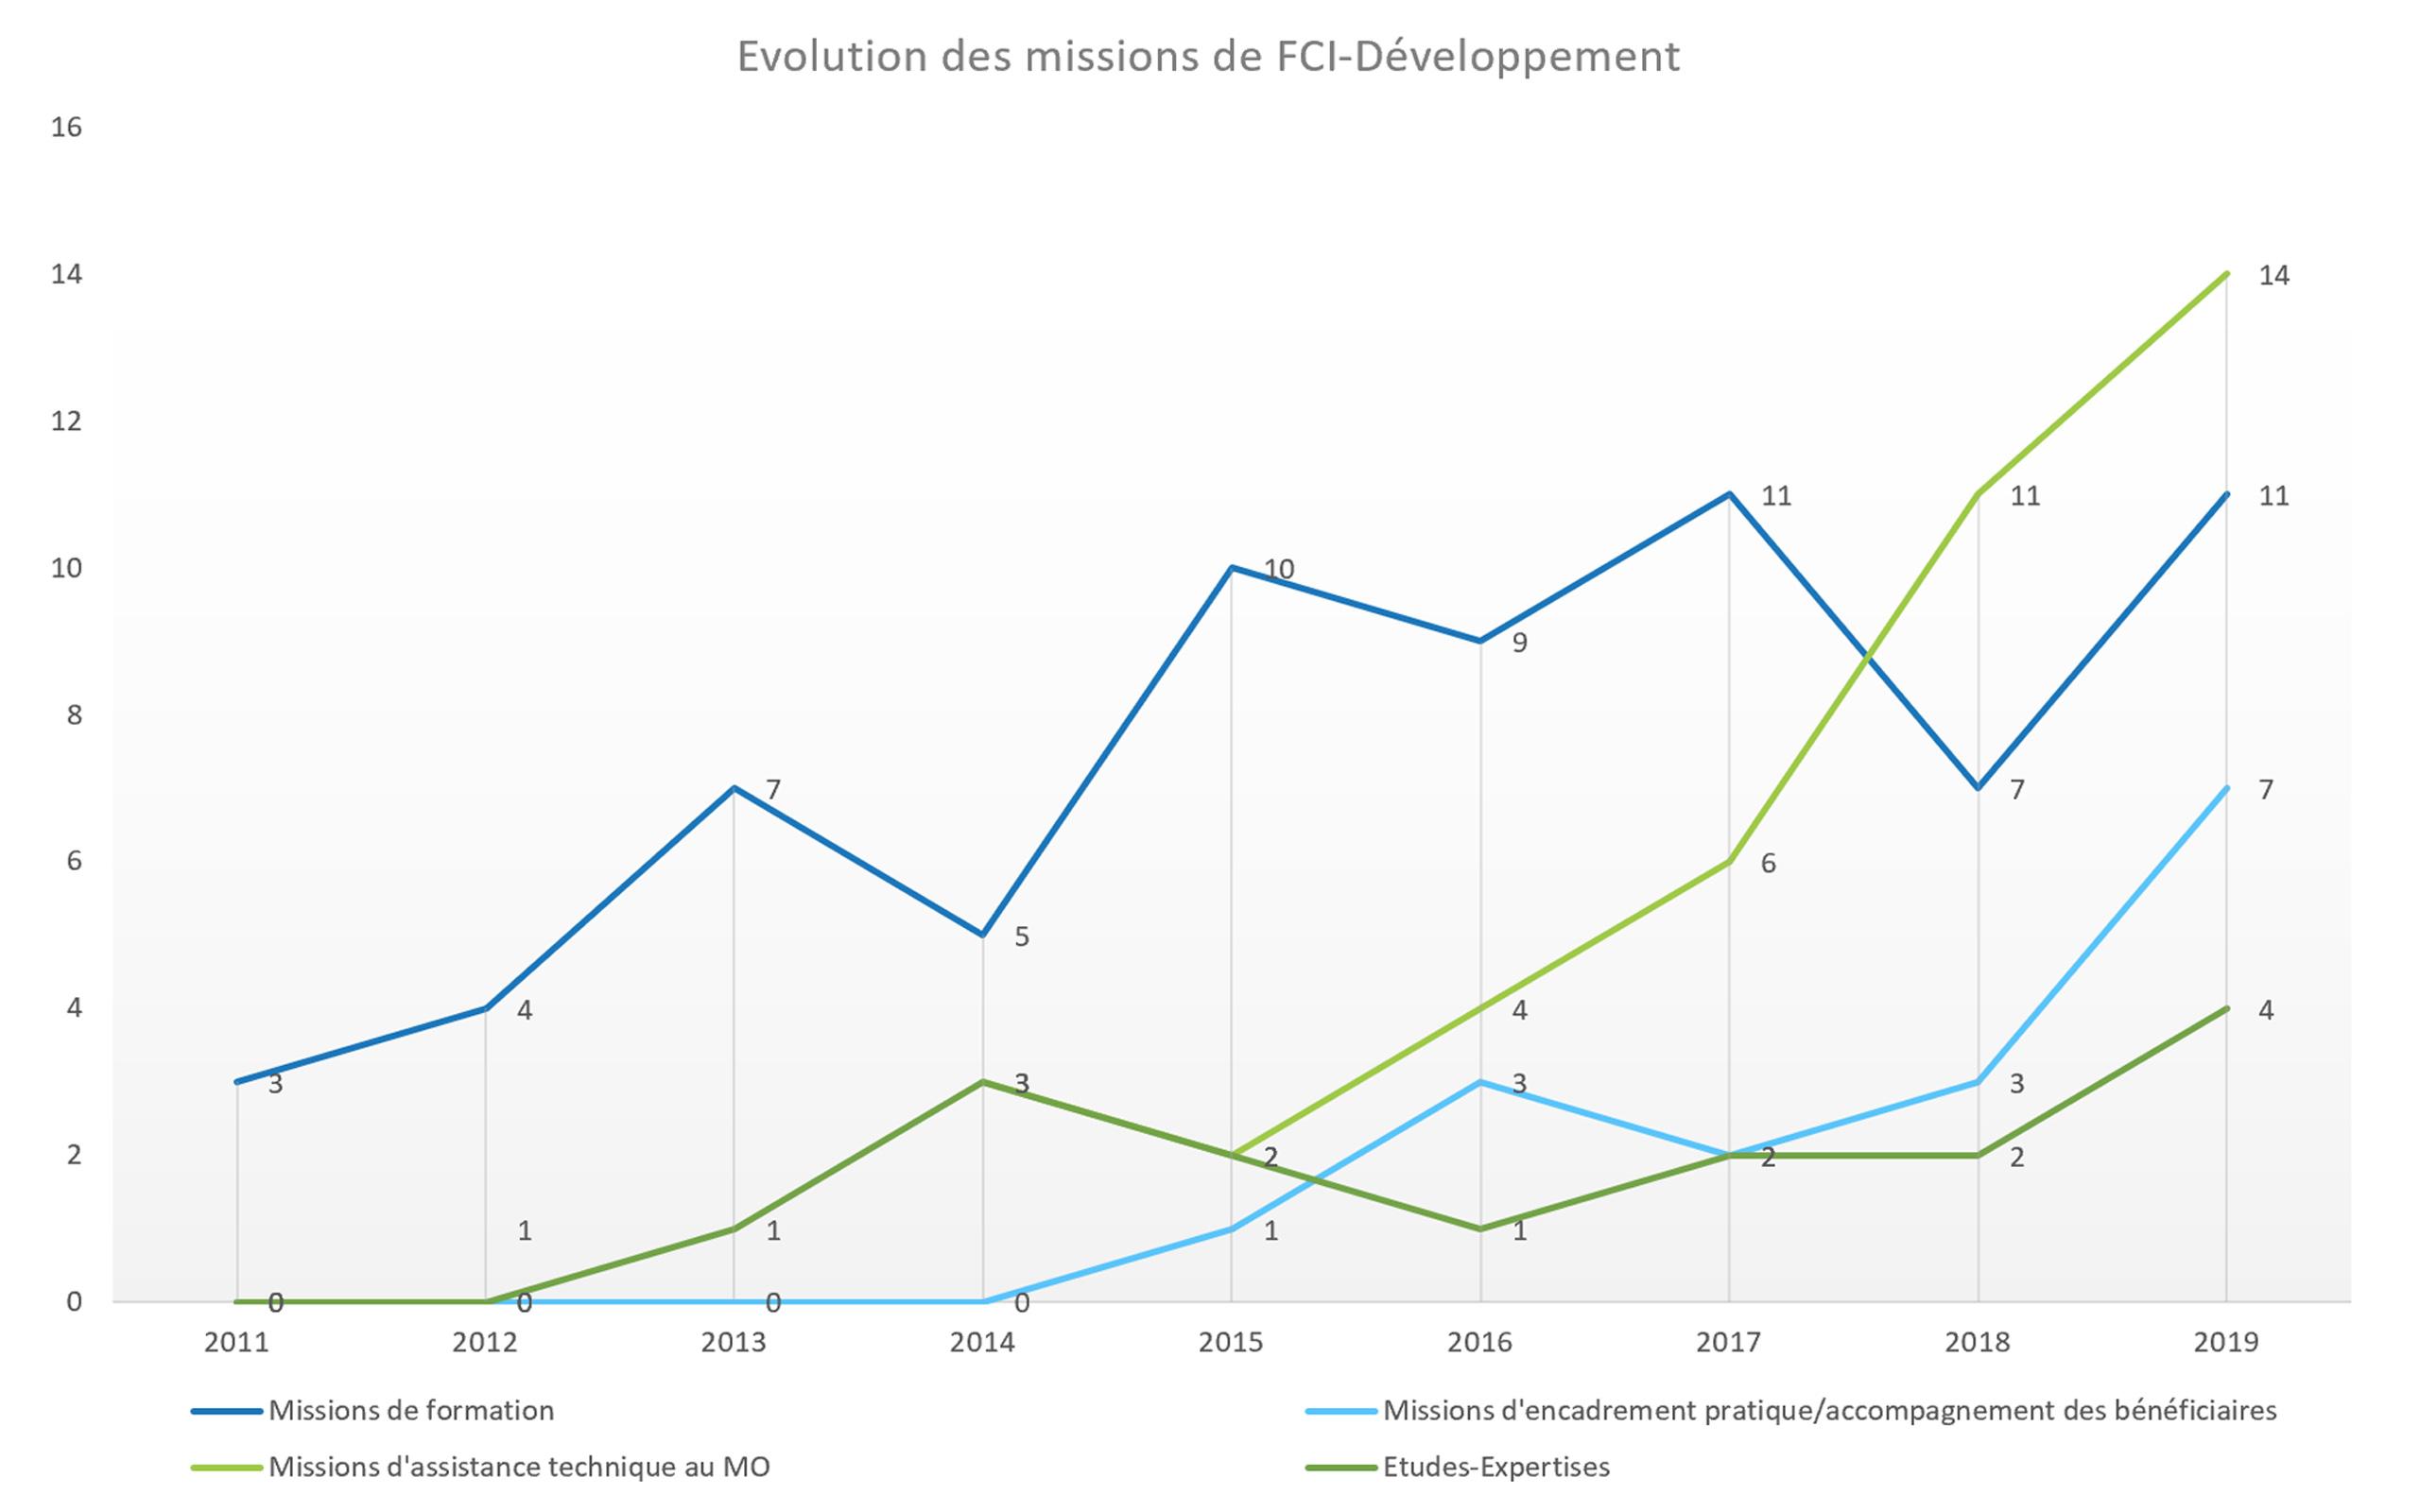 Evolution des missions de FCI Développement